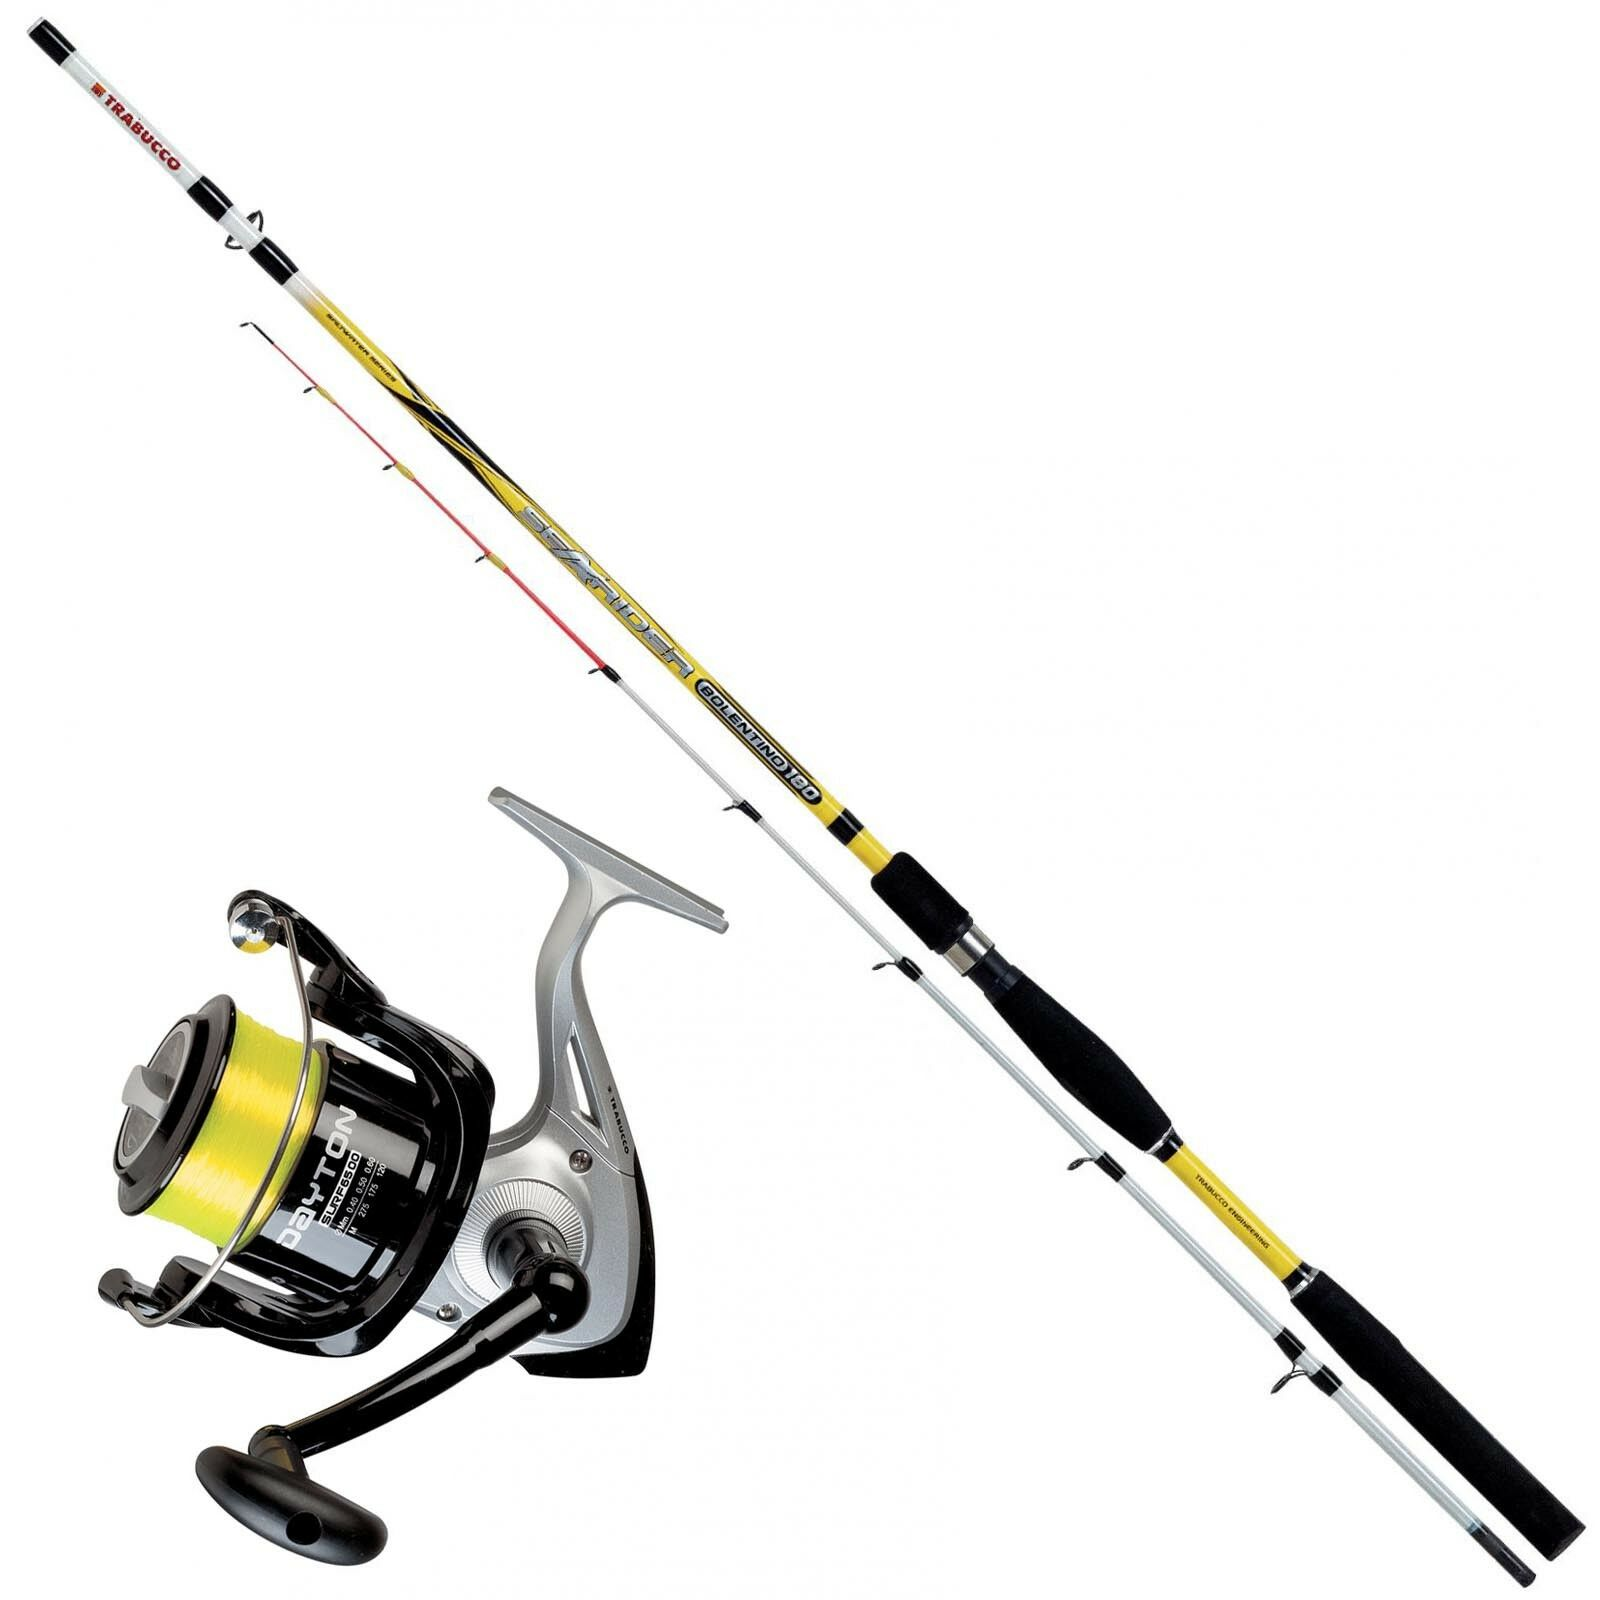 KP3316 Kit Pesca Bolentino Trabucco Canna Searider 1,80 m + Mulinello 6500 CASG